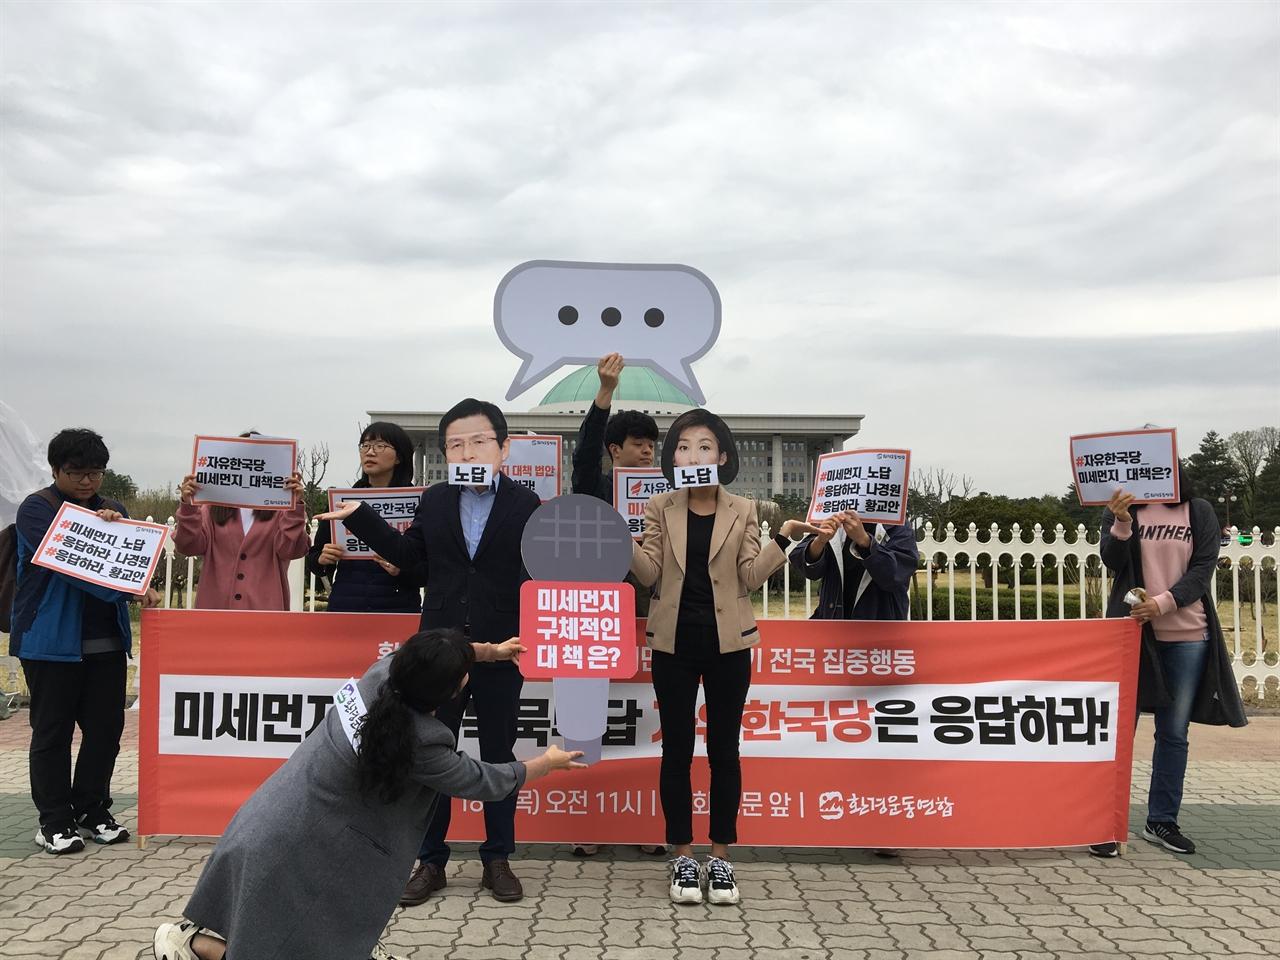 18일, 환경단체가 국회 앞에서 기자회견을 열고 미세먼지 정책 제안에 묵묵부답한 자유한국당을 향해  비판의 목소리를 높였다.